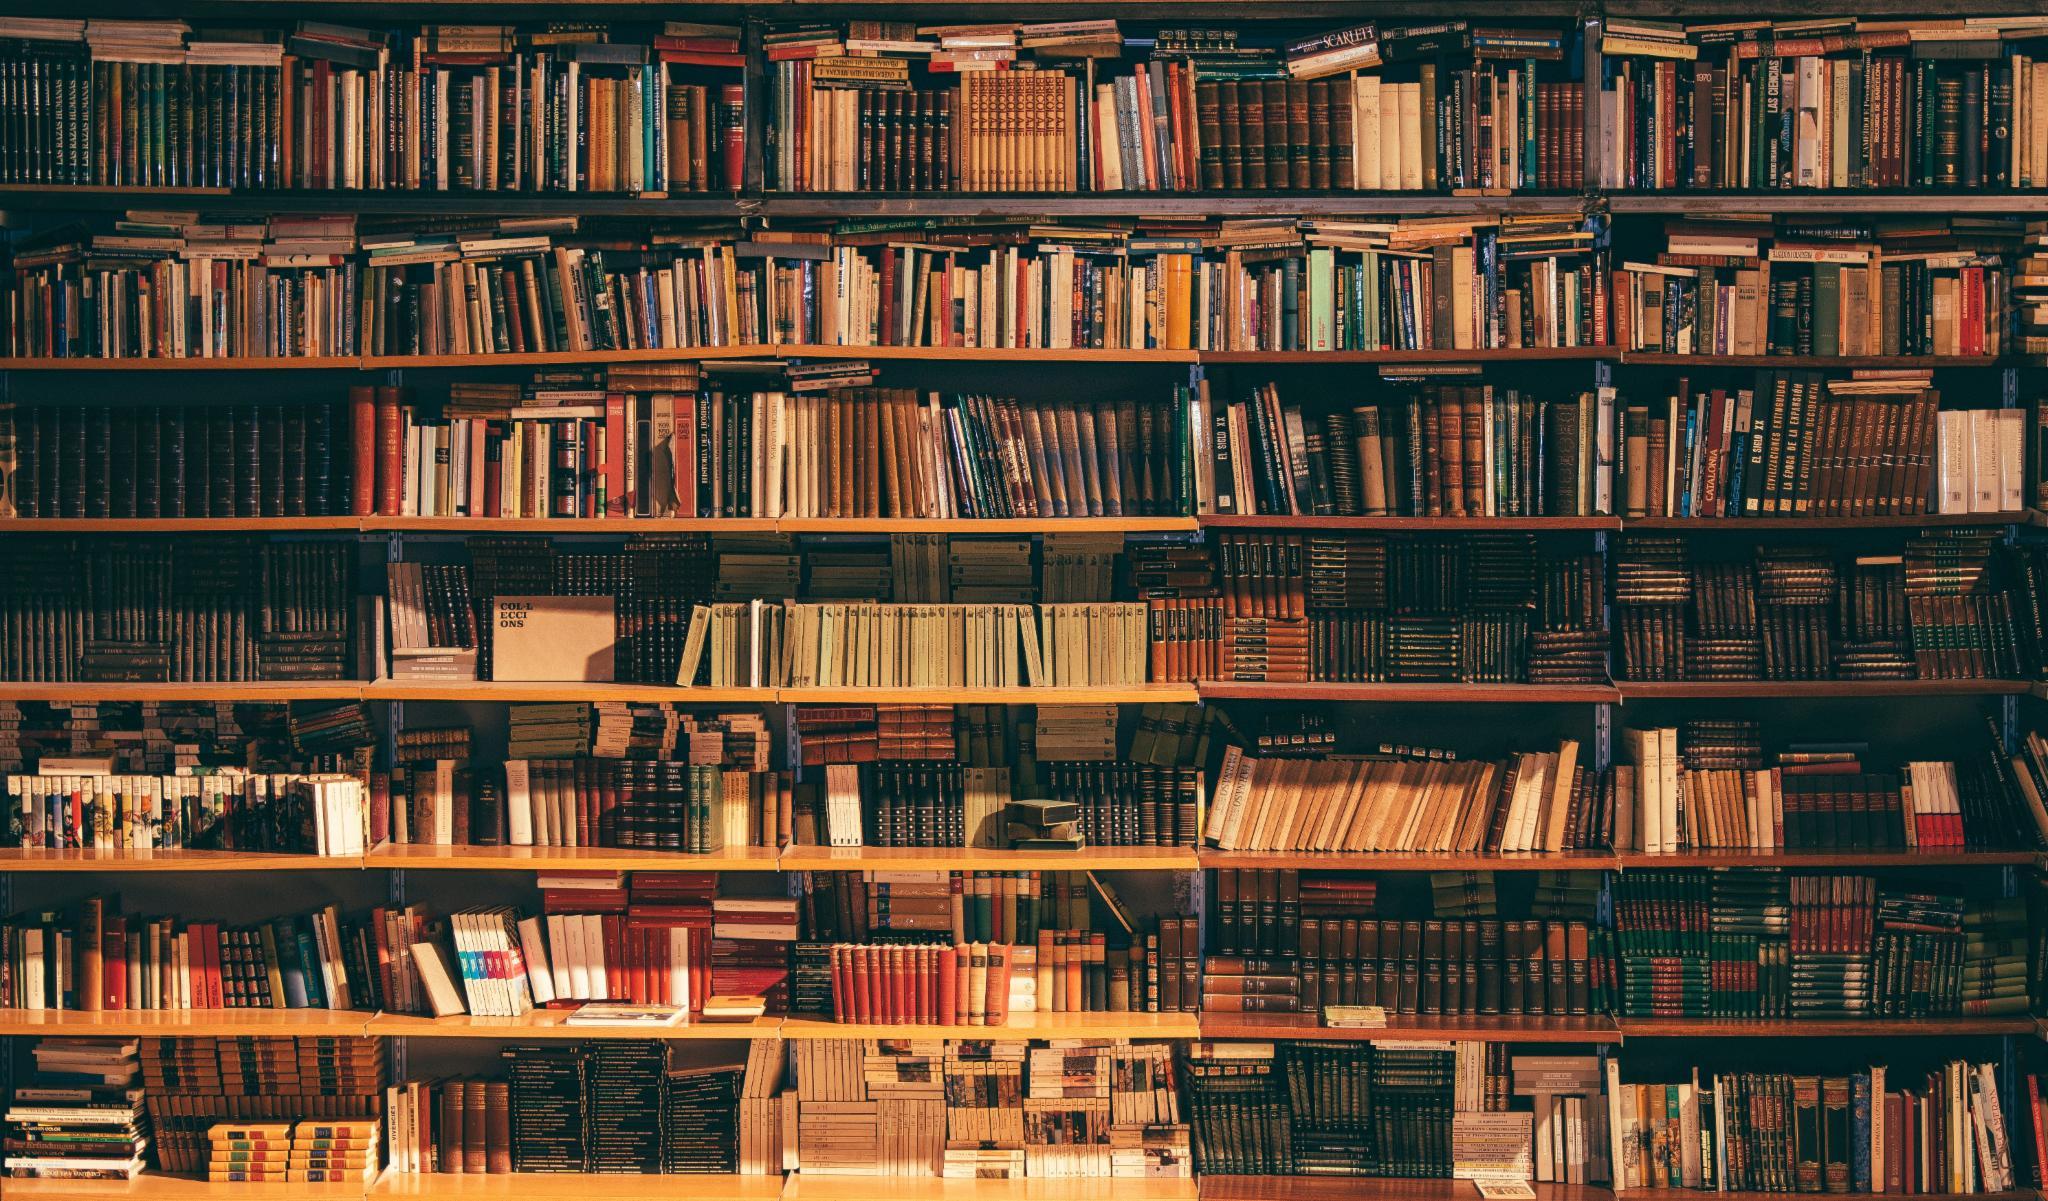 旅行剩半日怎么办?不妨去书店逛逛,给你的旅行增点色